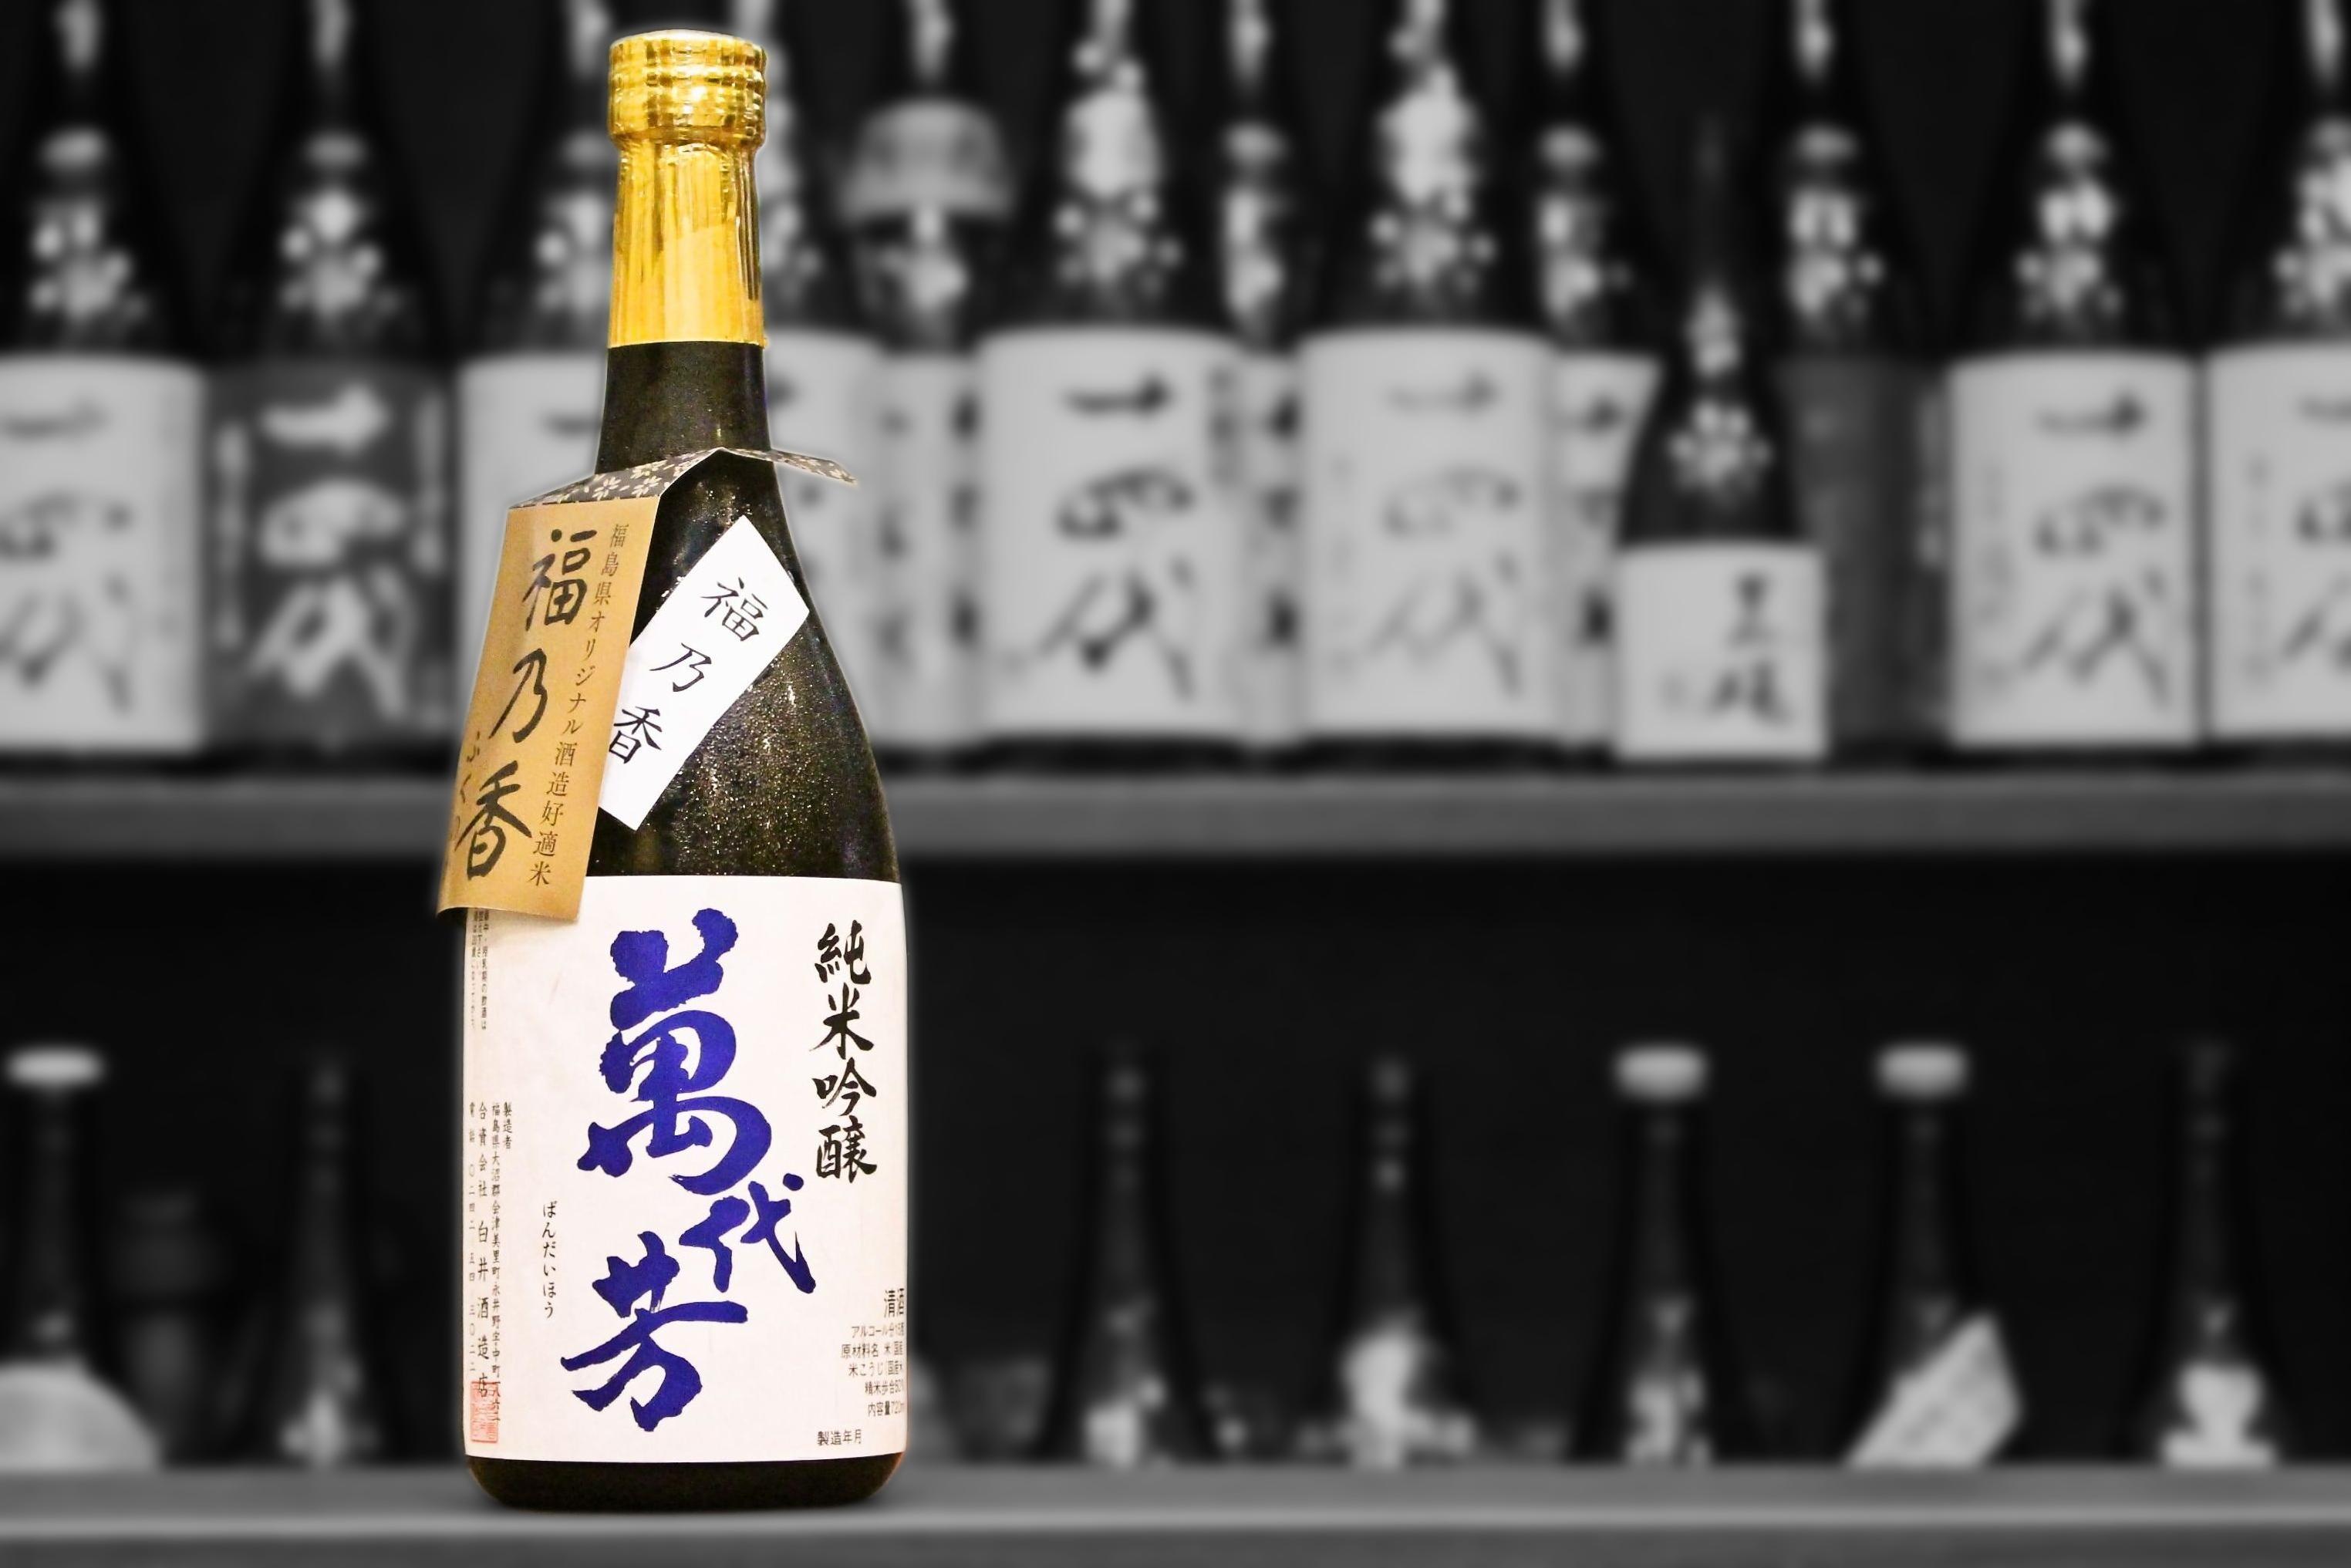 萬代芳純米吟醸福乃香202008-001